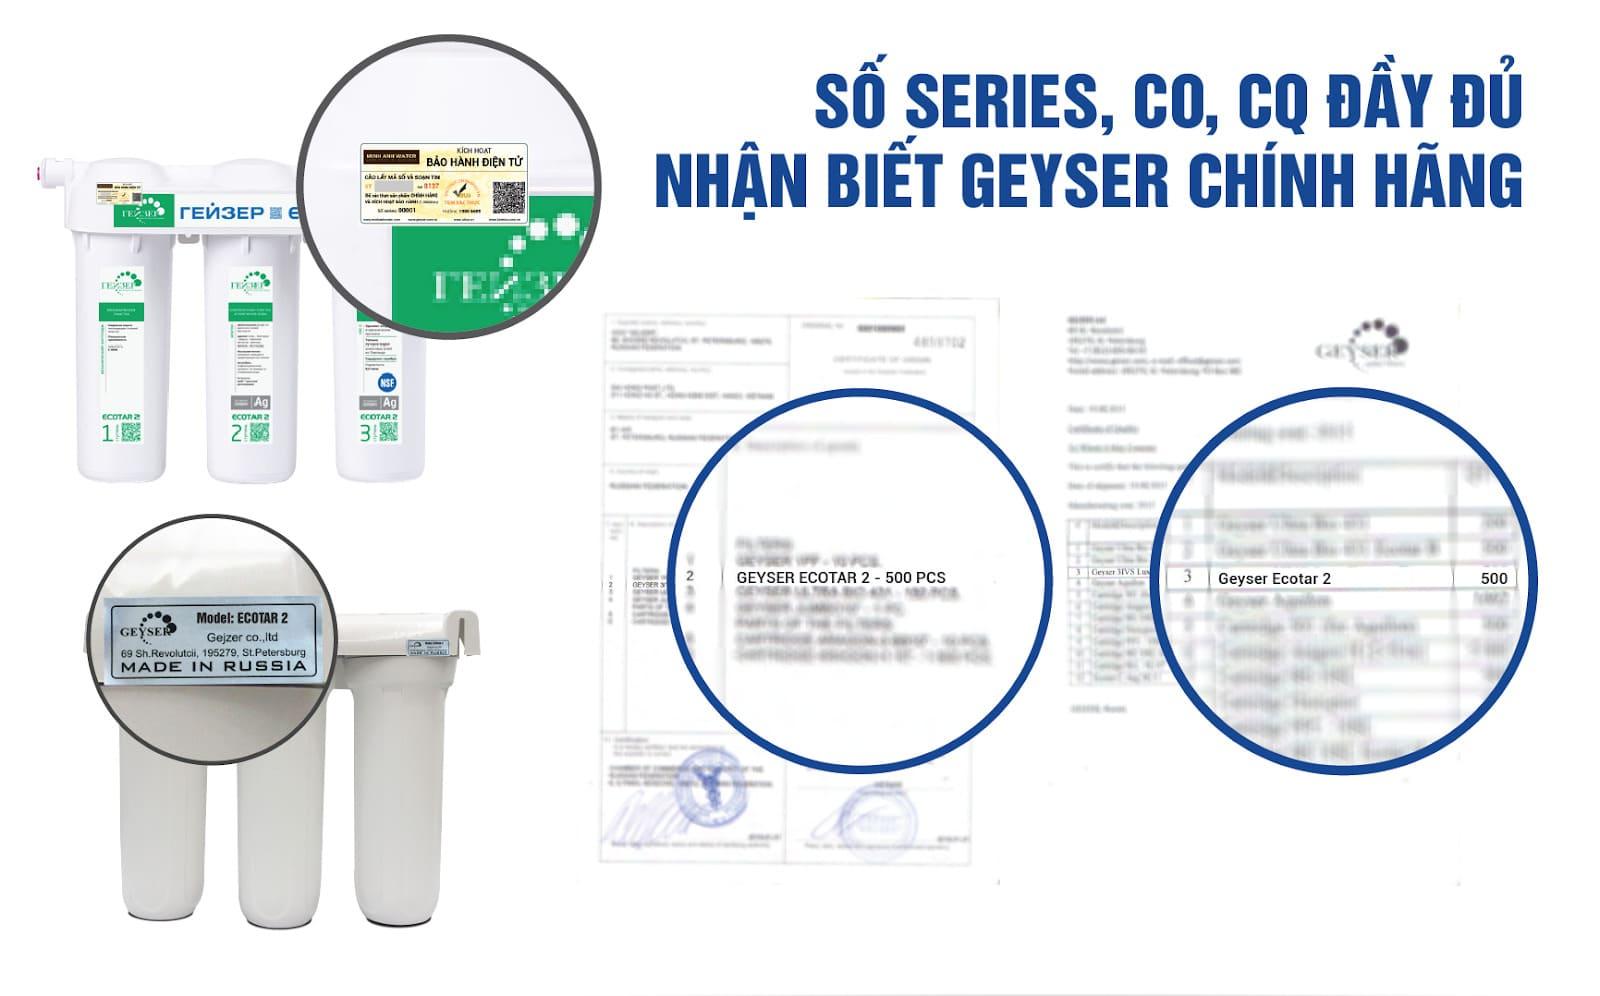 Geyser Ecotar 2 có chứng nhận CO, CQ trên từng sản phẩm